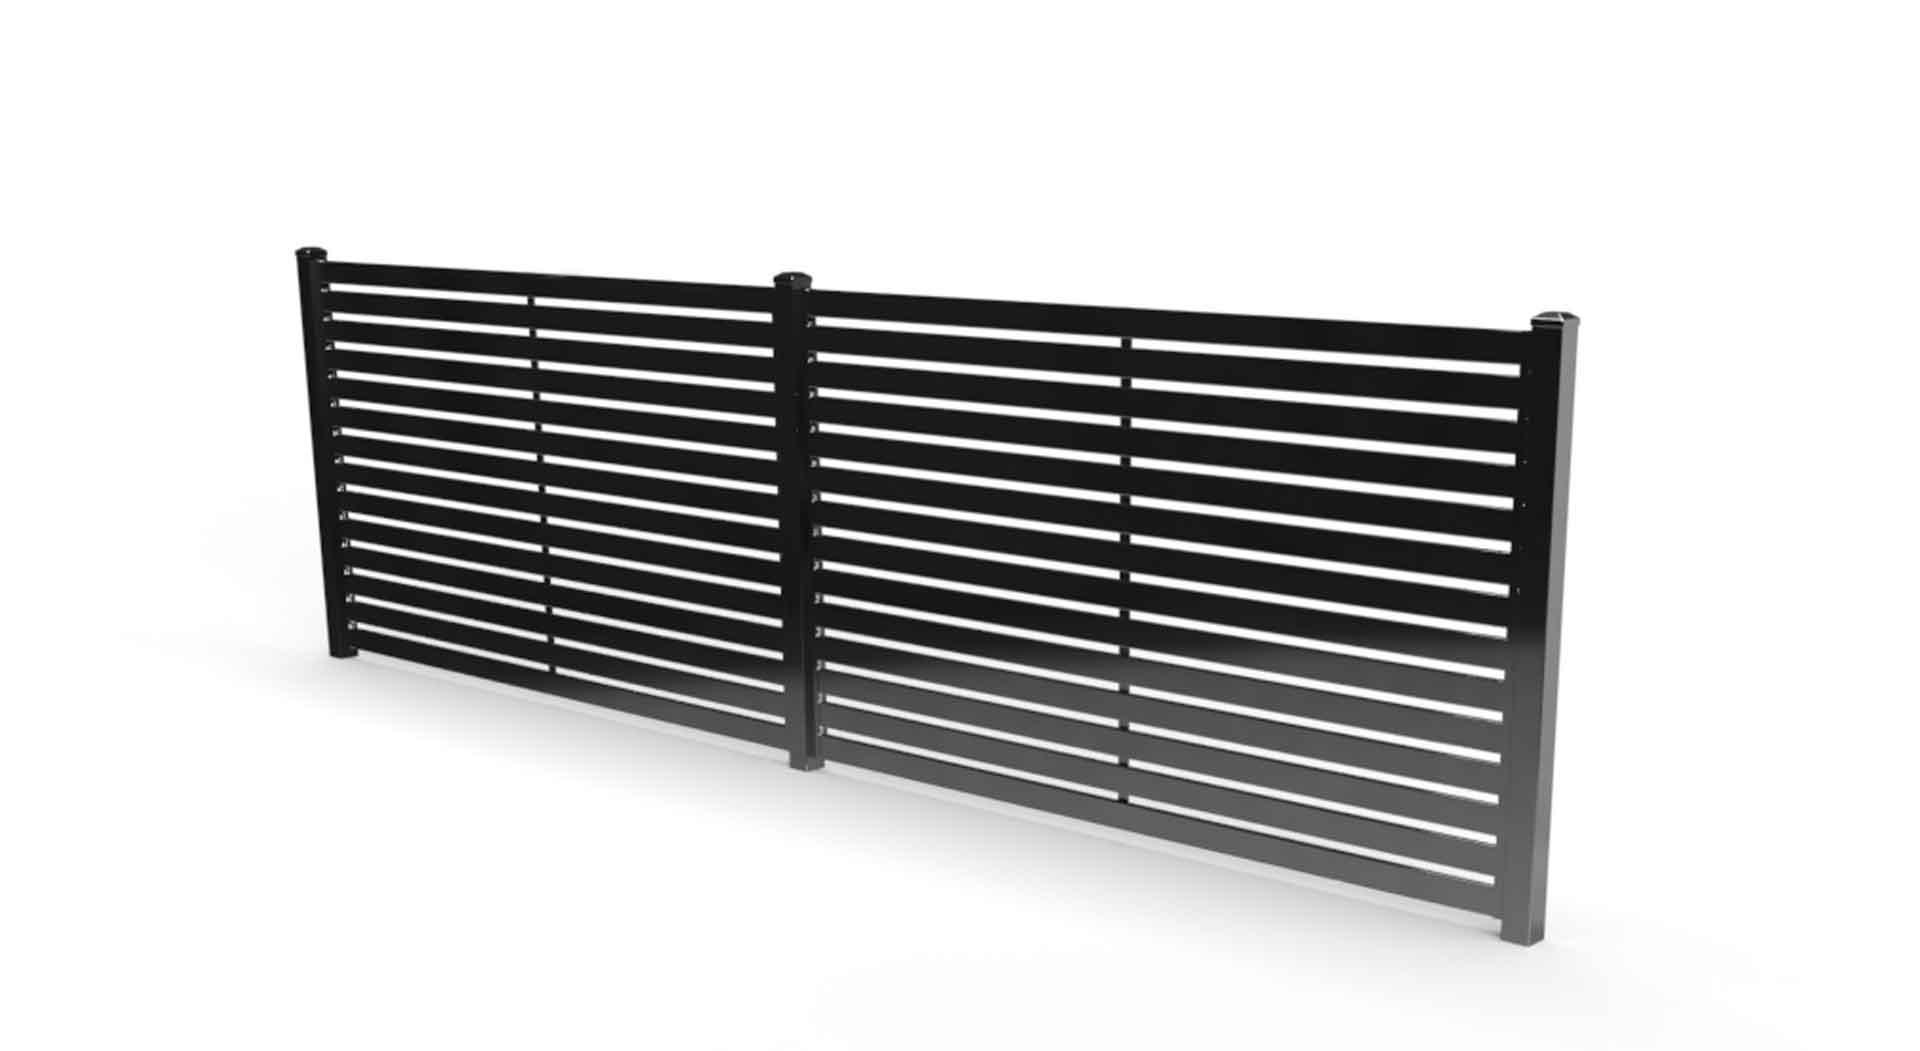 fresno slat privacy fence